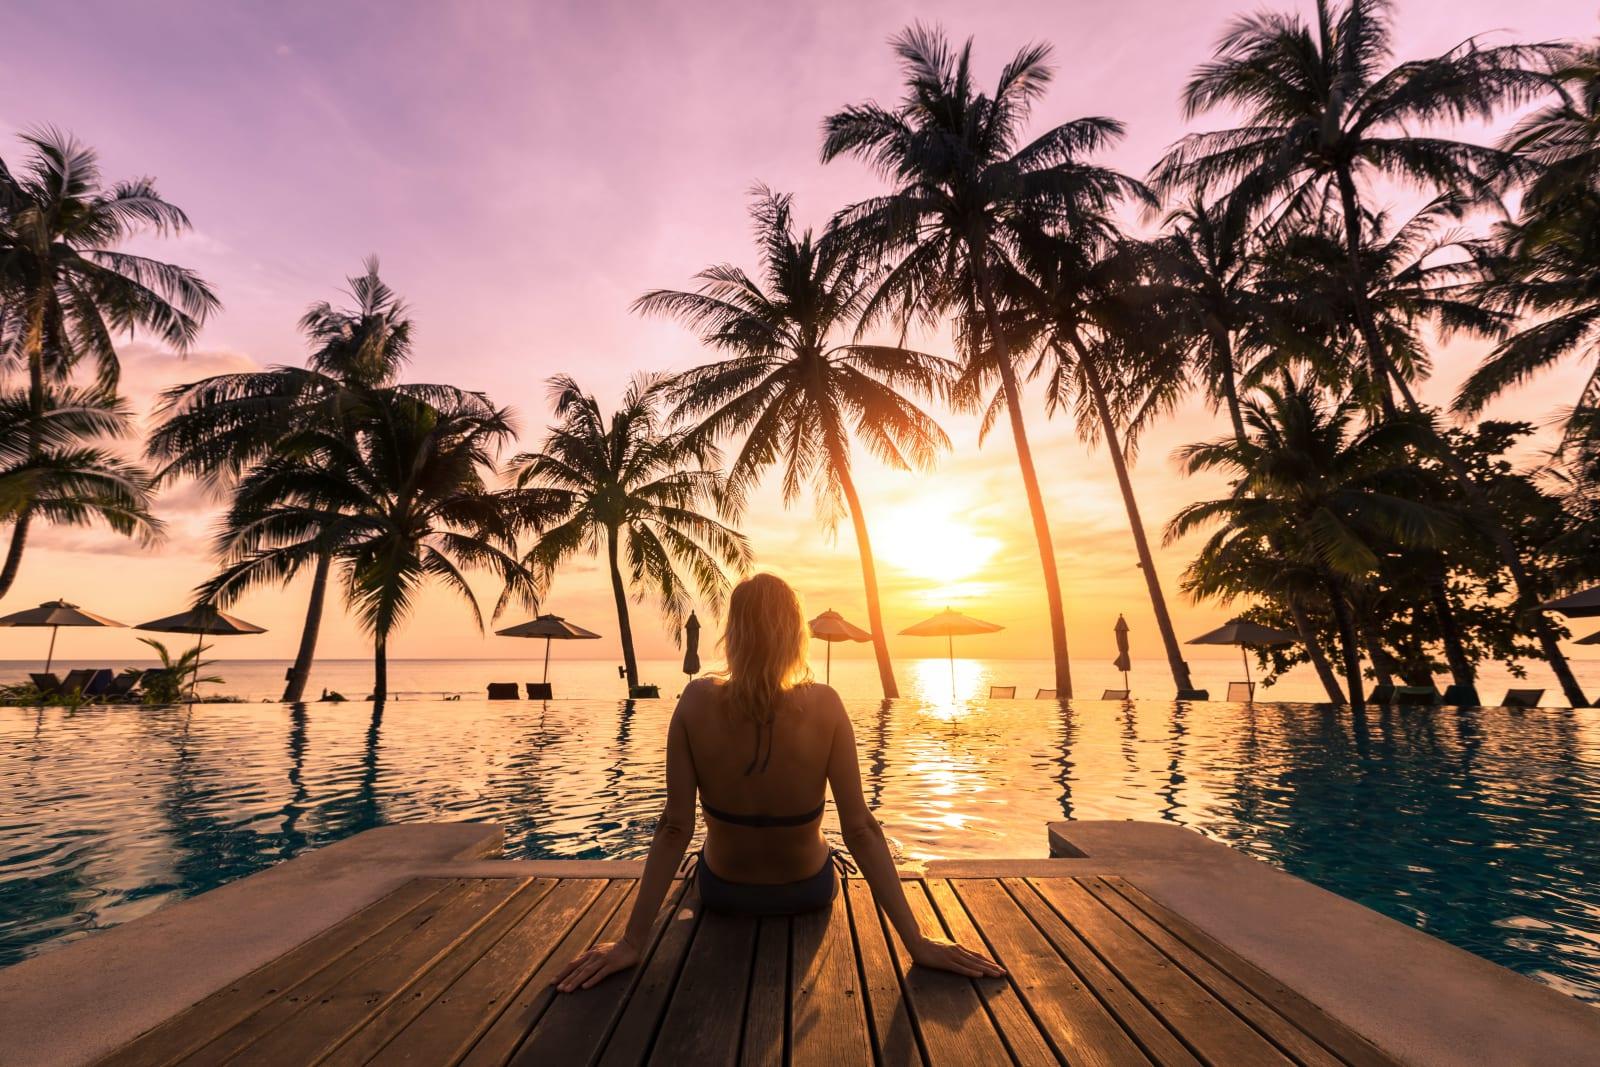 Une femme assise sur une promenade au bord d'une piscine